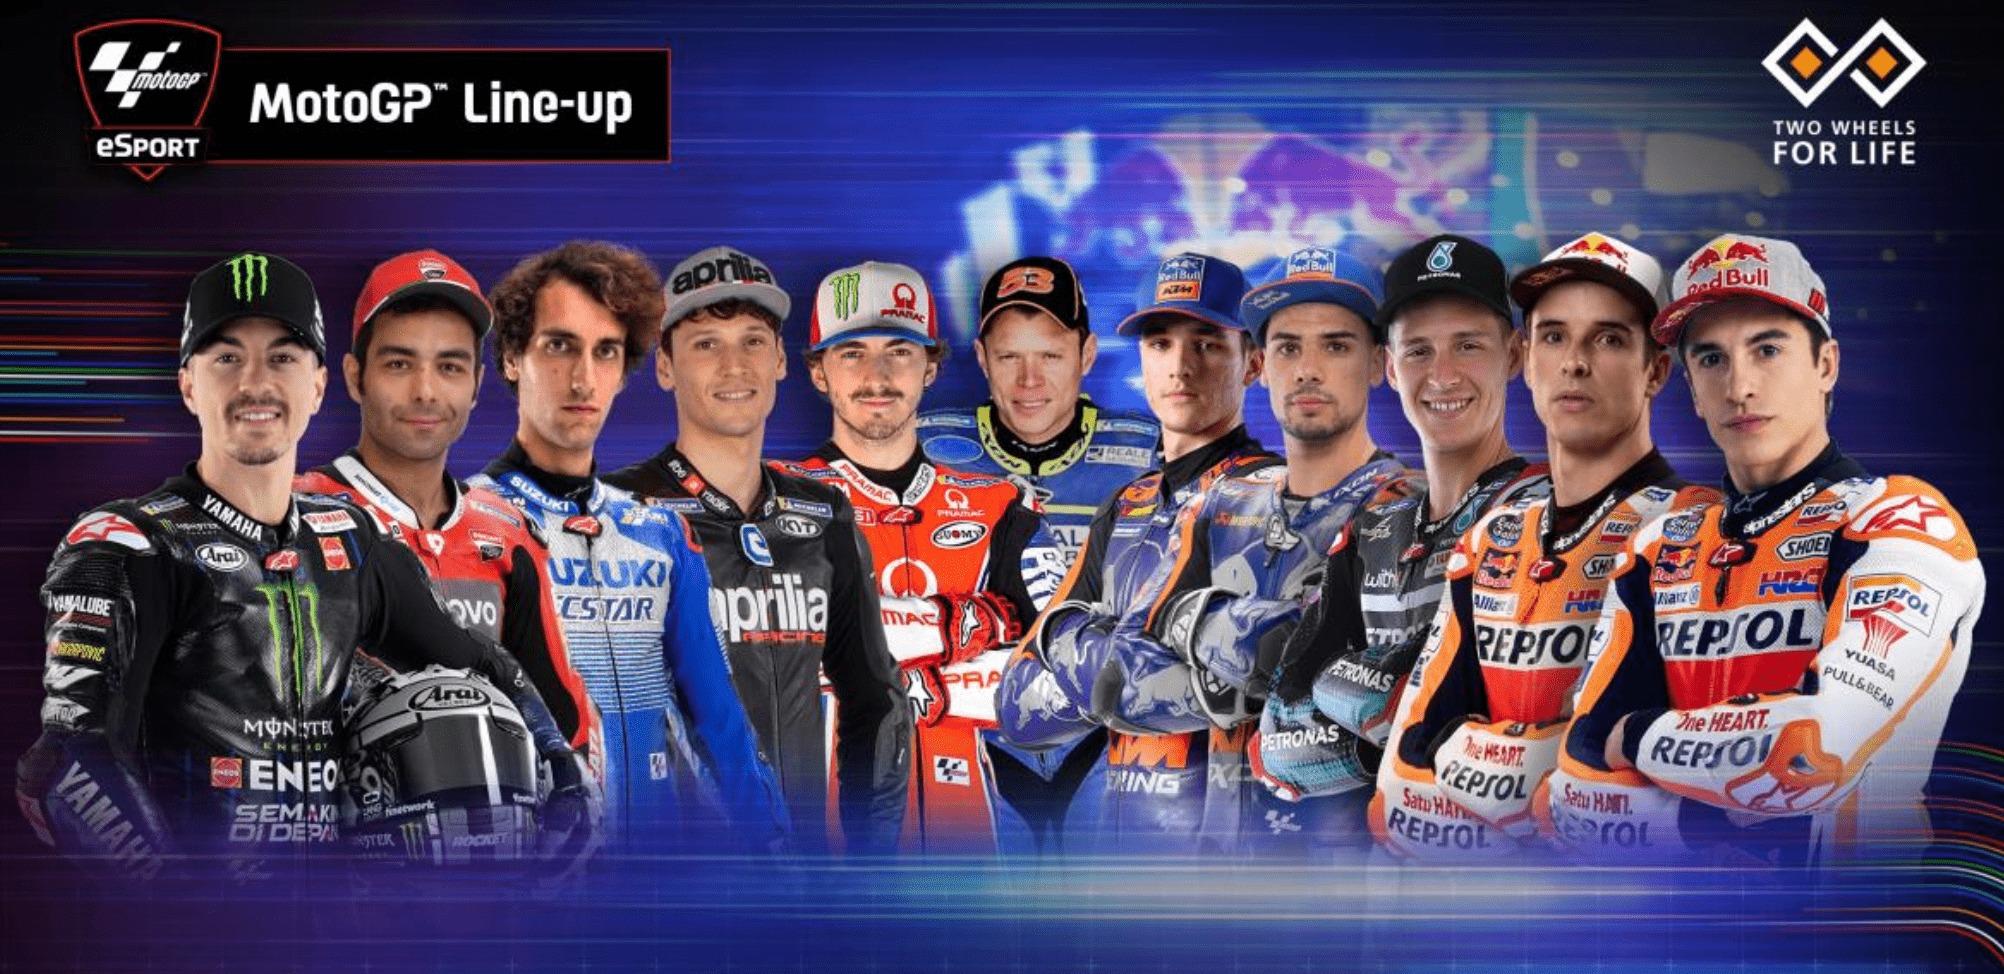 MotoGPバーチャルレース レース3に出場する3クラスのライダーラインナップが決定